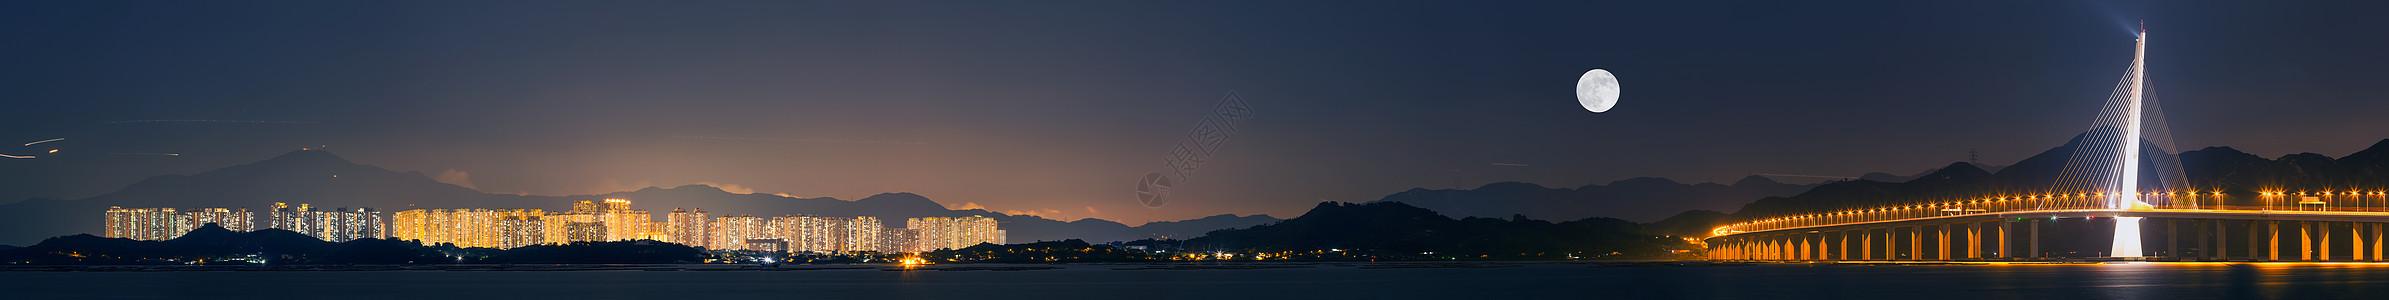 深圳湾跨海大桥城市风光夜景全景图图片